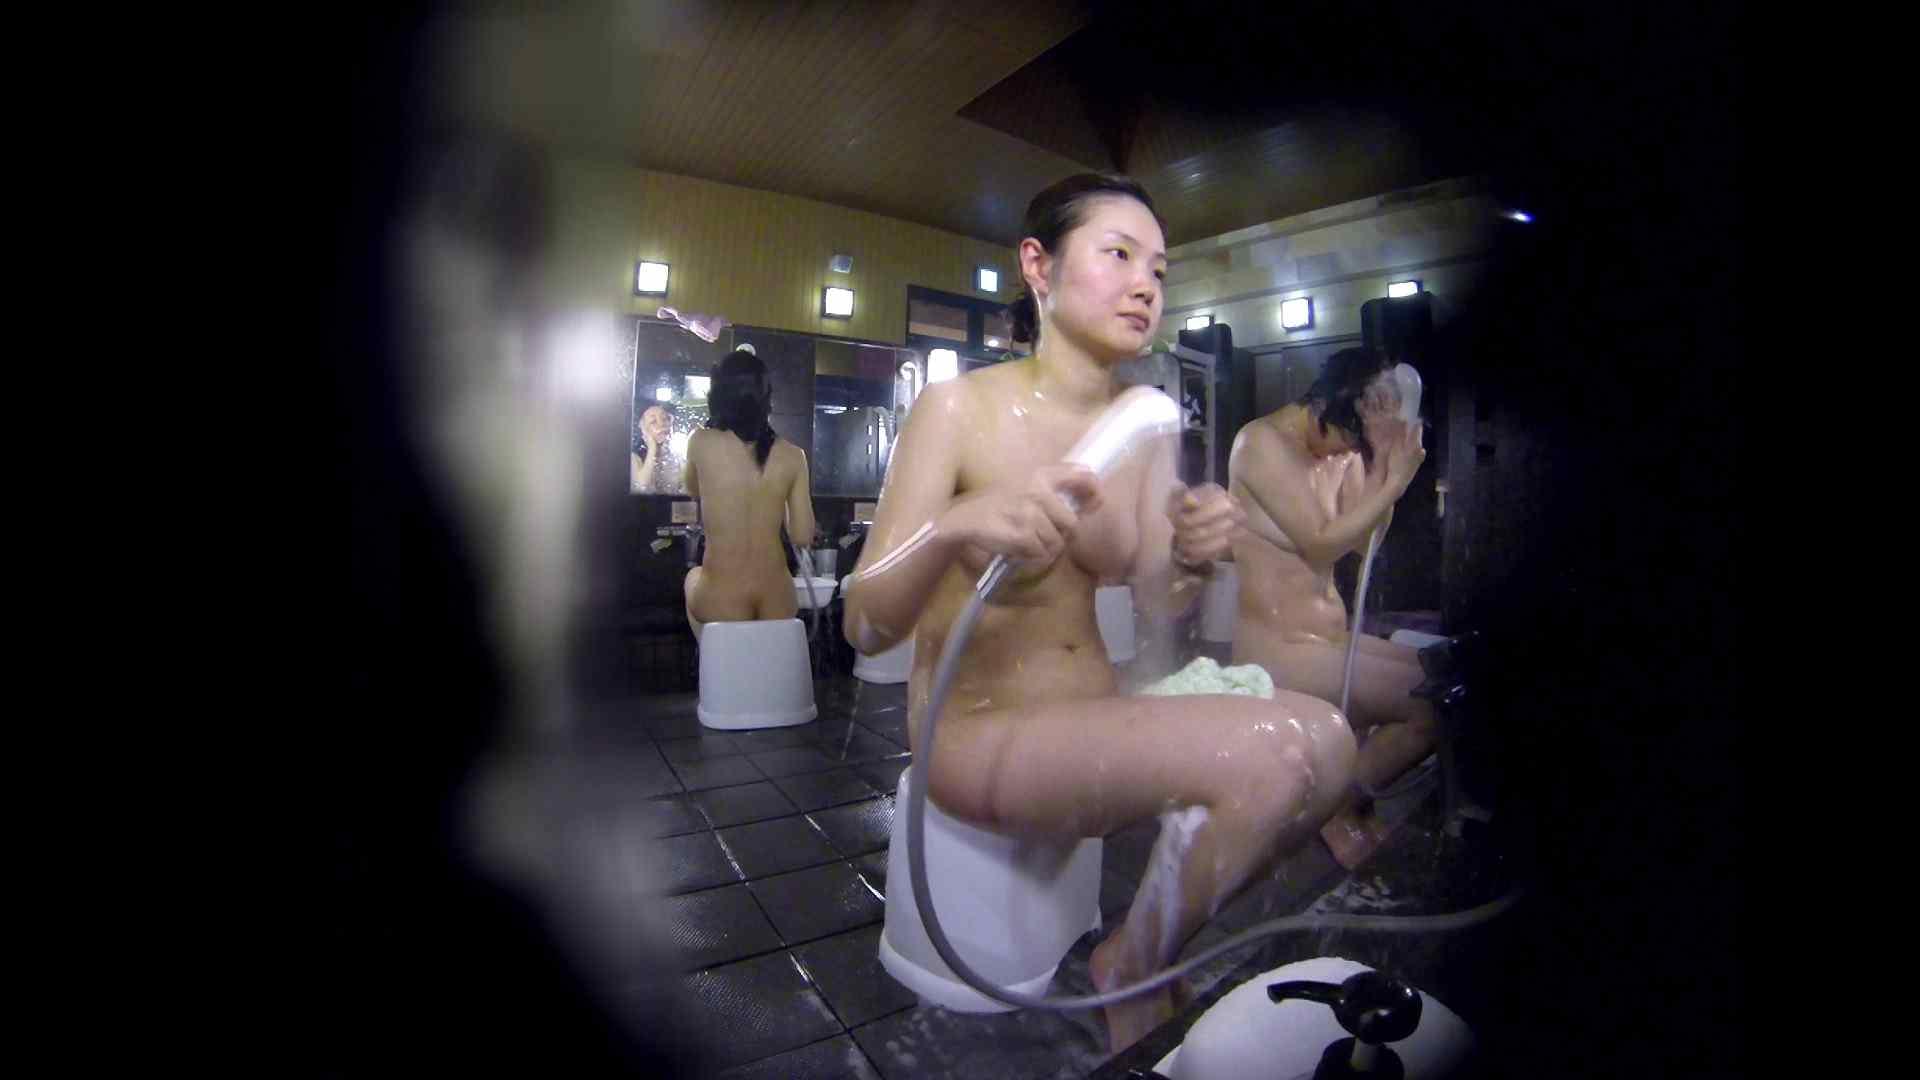 洗い場!好きです!ボリューム満点ボディーな感じが堪りません。 美肌 | 銭湯事情  87枚 81